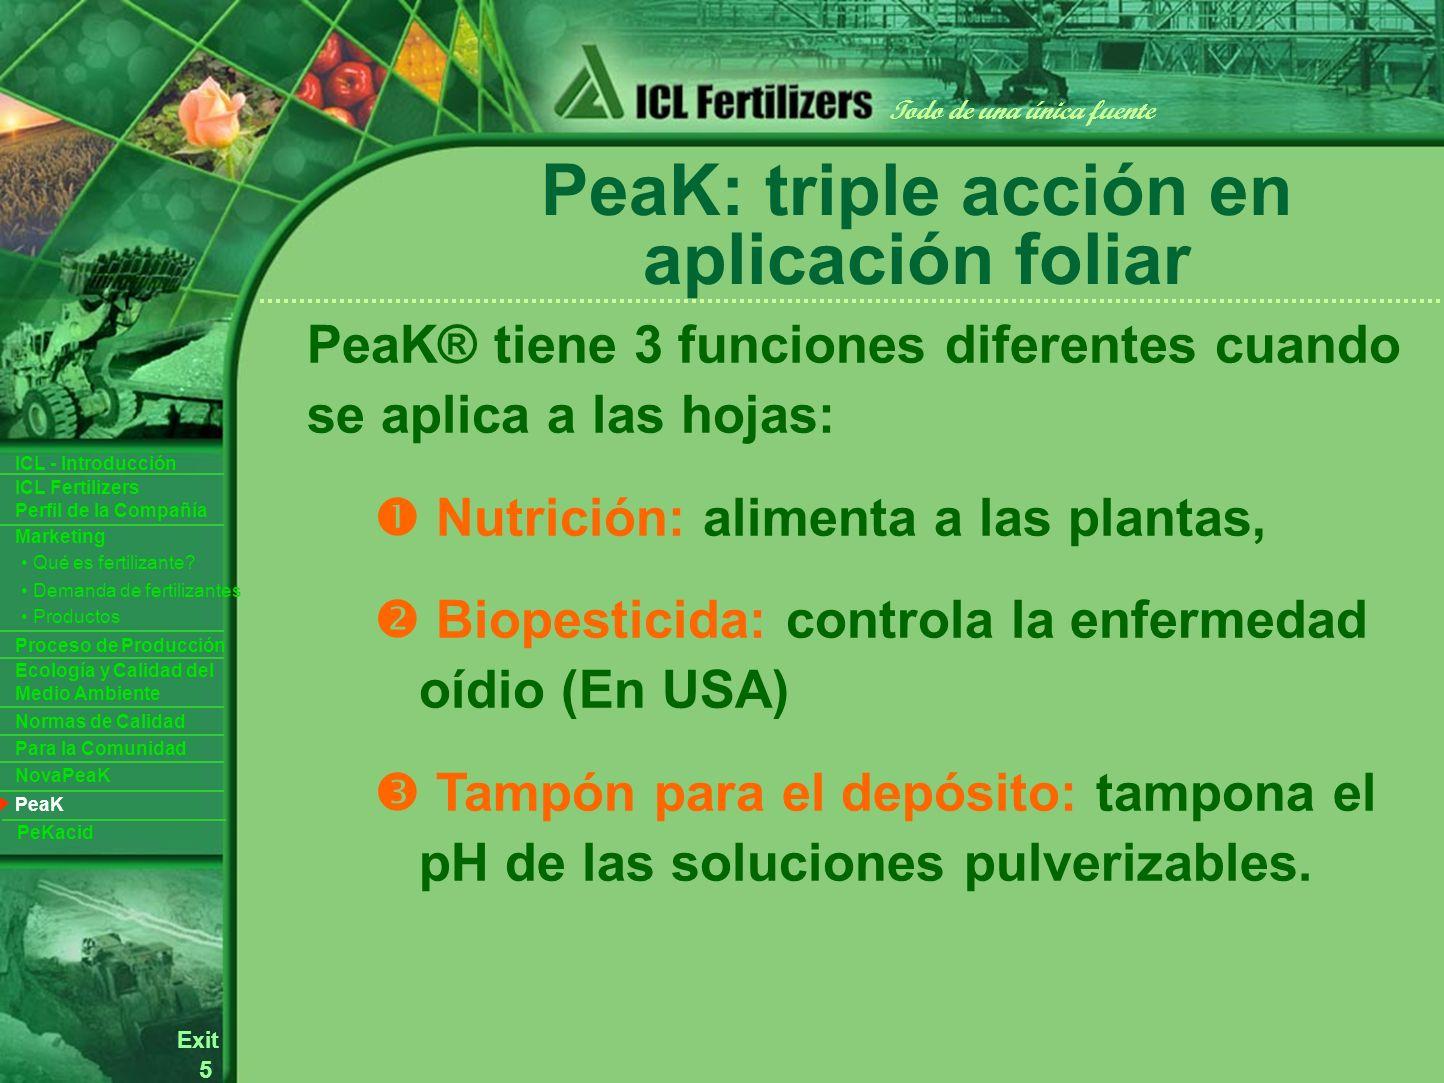 5 Exit Todo de una única fuente ICL Fertilizers Perfil de la Compañía ICL - Introducción Productos Para la Comunidad Ecología y Calidad del Medio Ambiente Normas de Calidad Marketing Proceso de Producción Demanda de fertilizantes Qué es fertilizante.